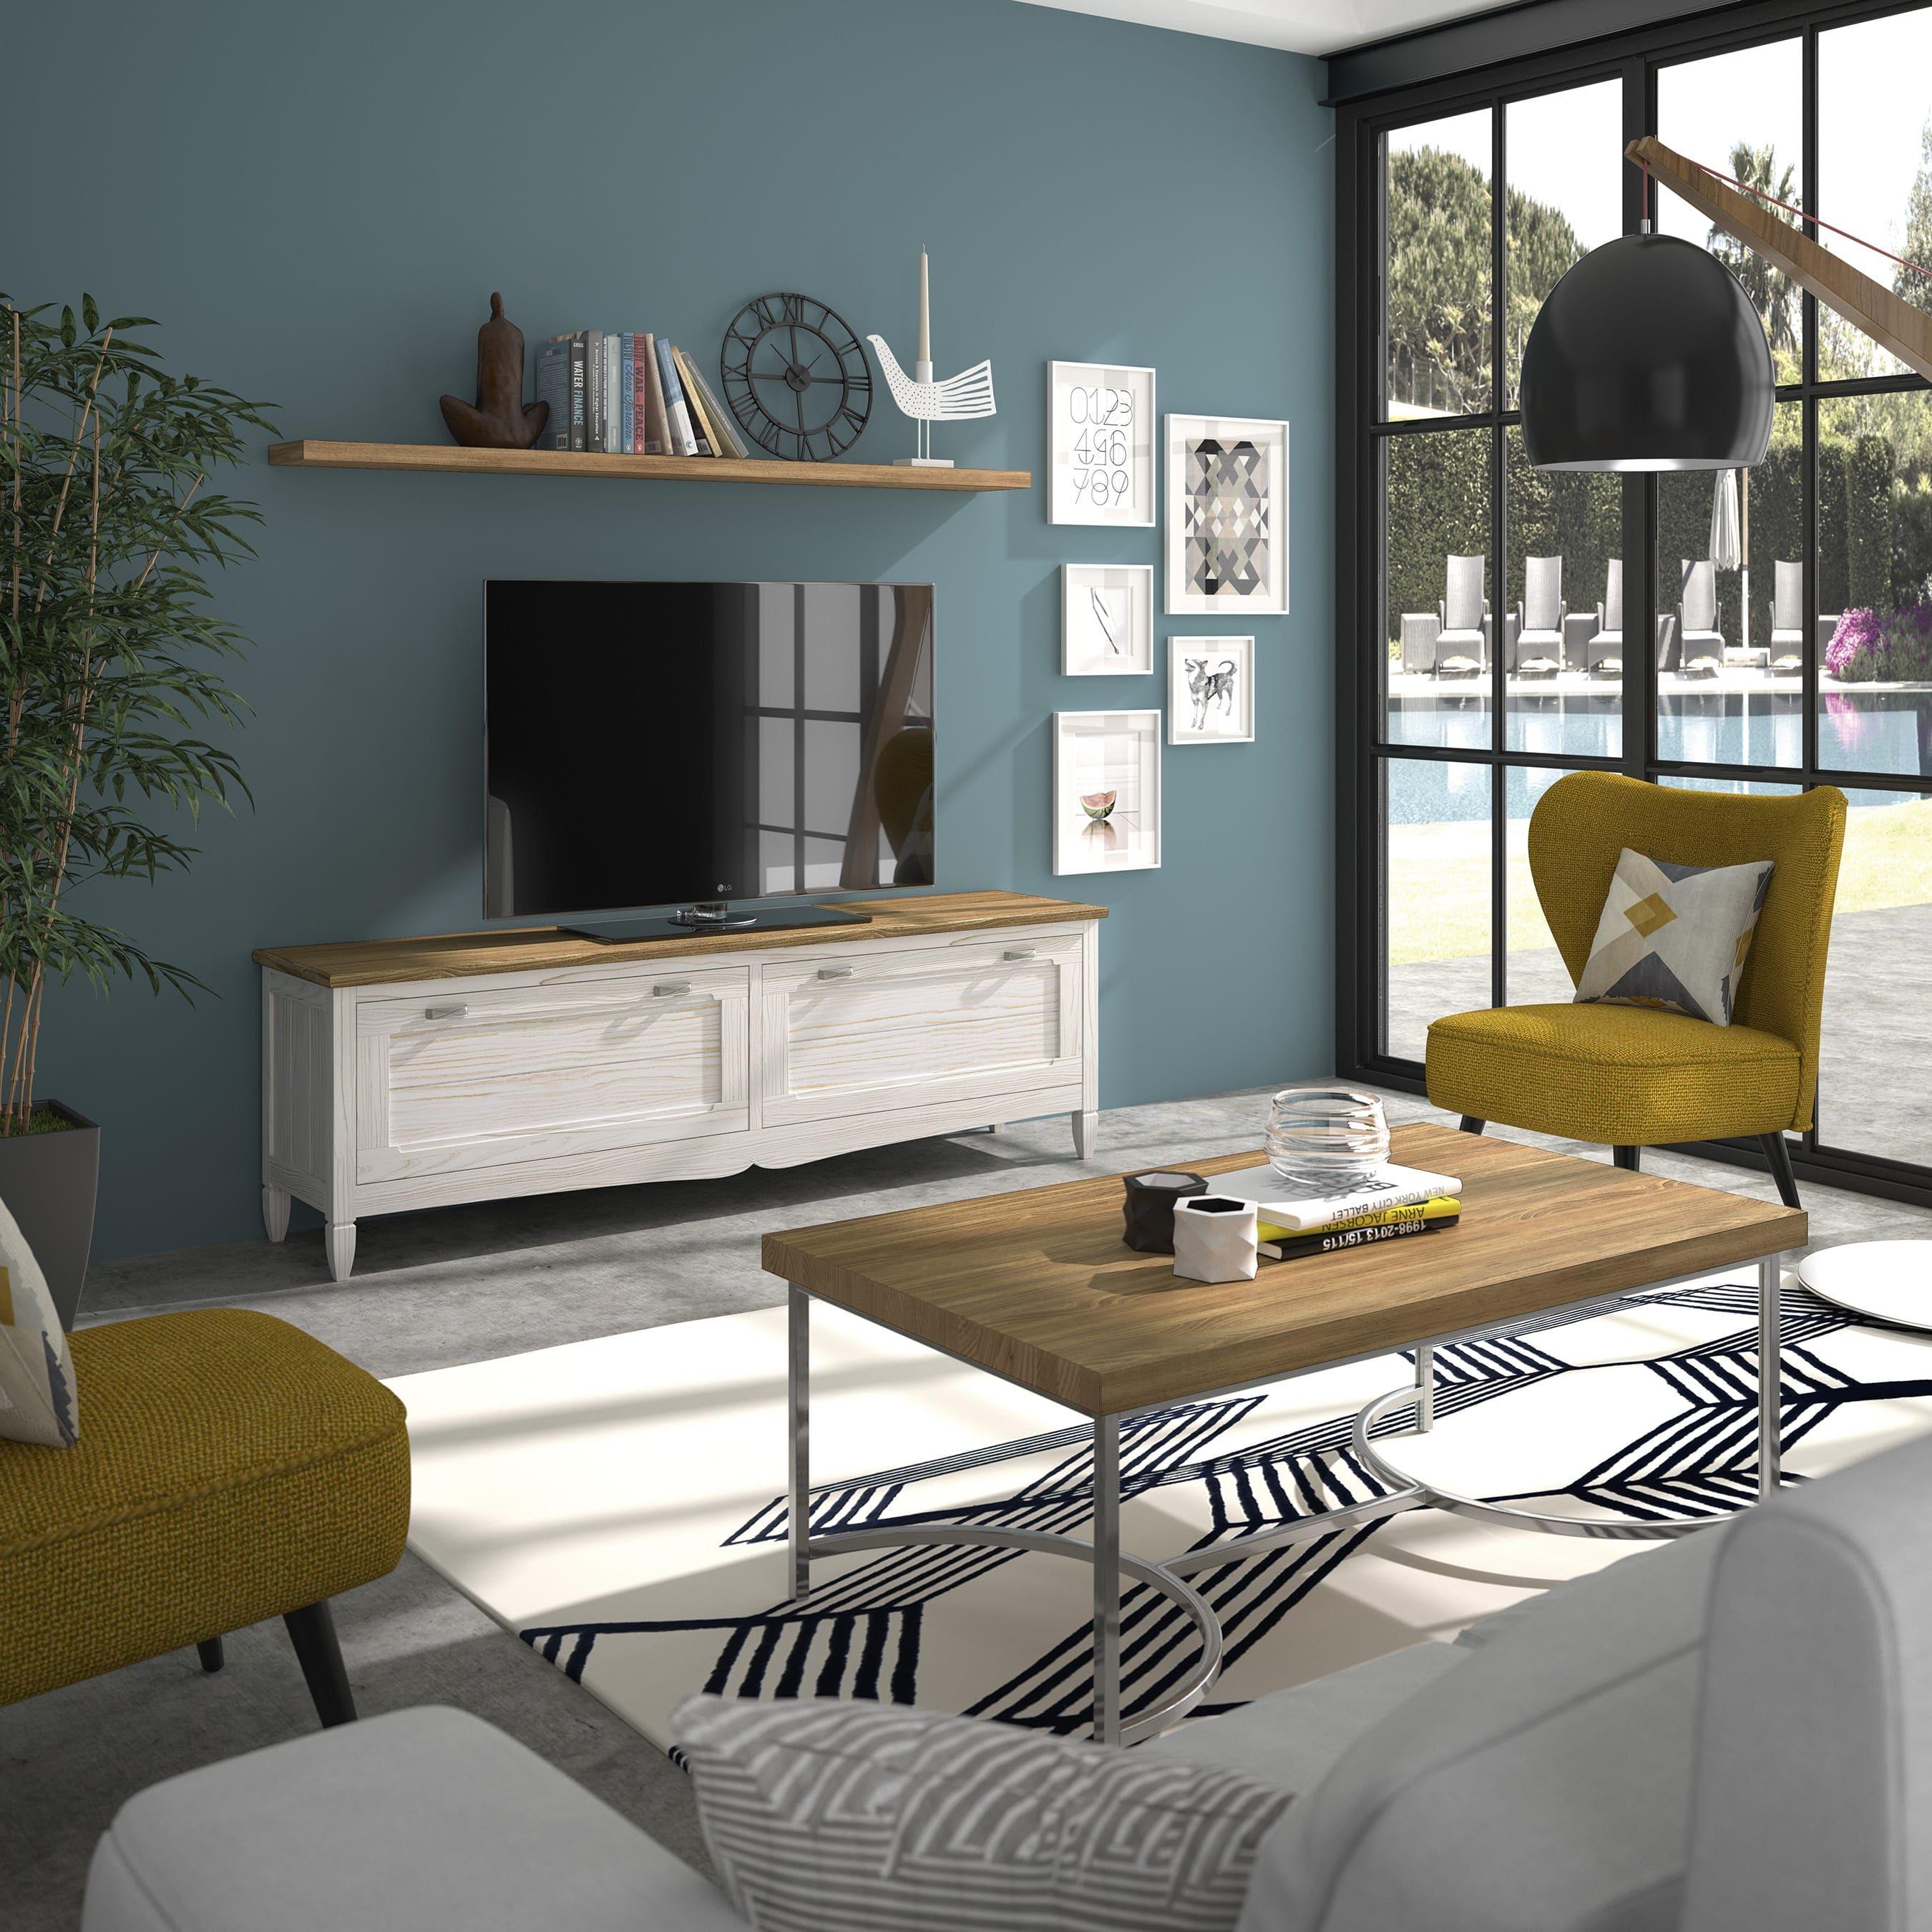 salon-contemporaneo-muebles-paco-caballero-1337-5c98b35e83f03